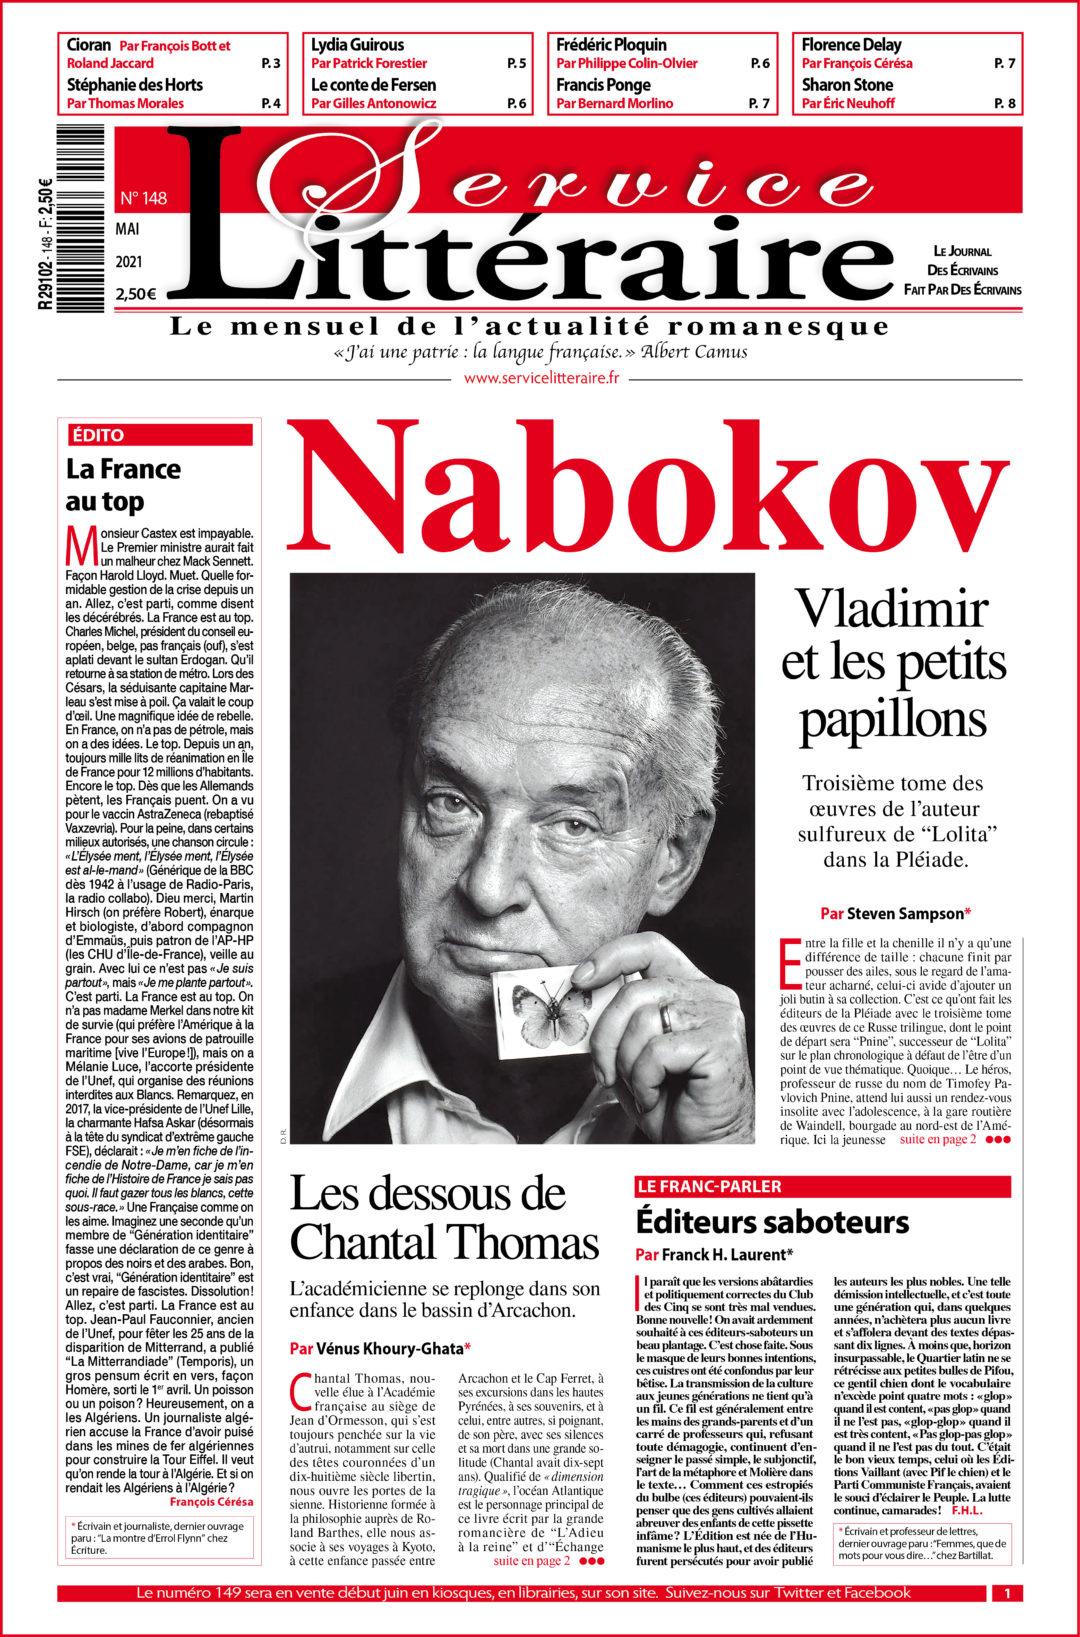 SL 148 - Nabokov Mai 2021